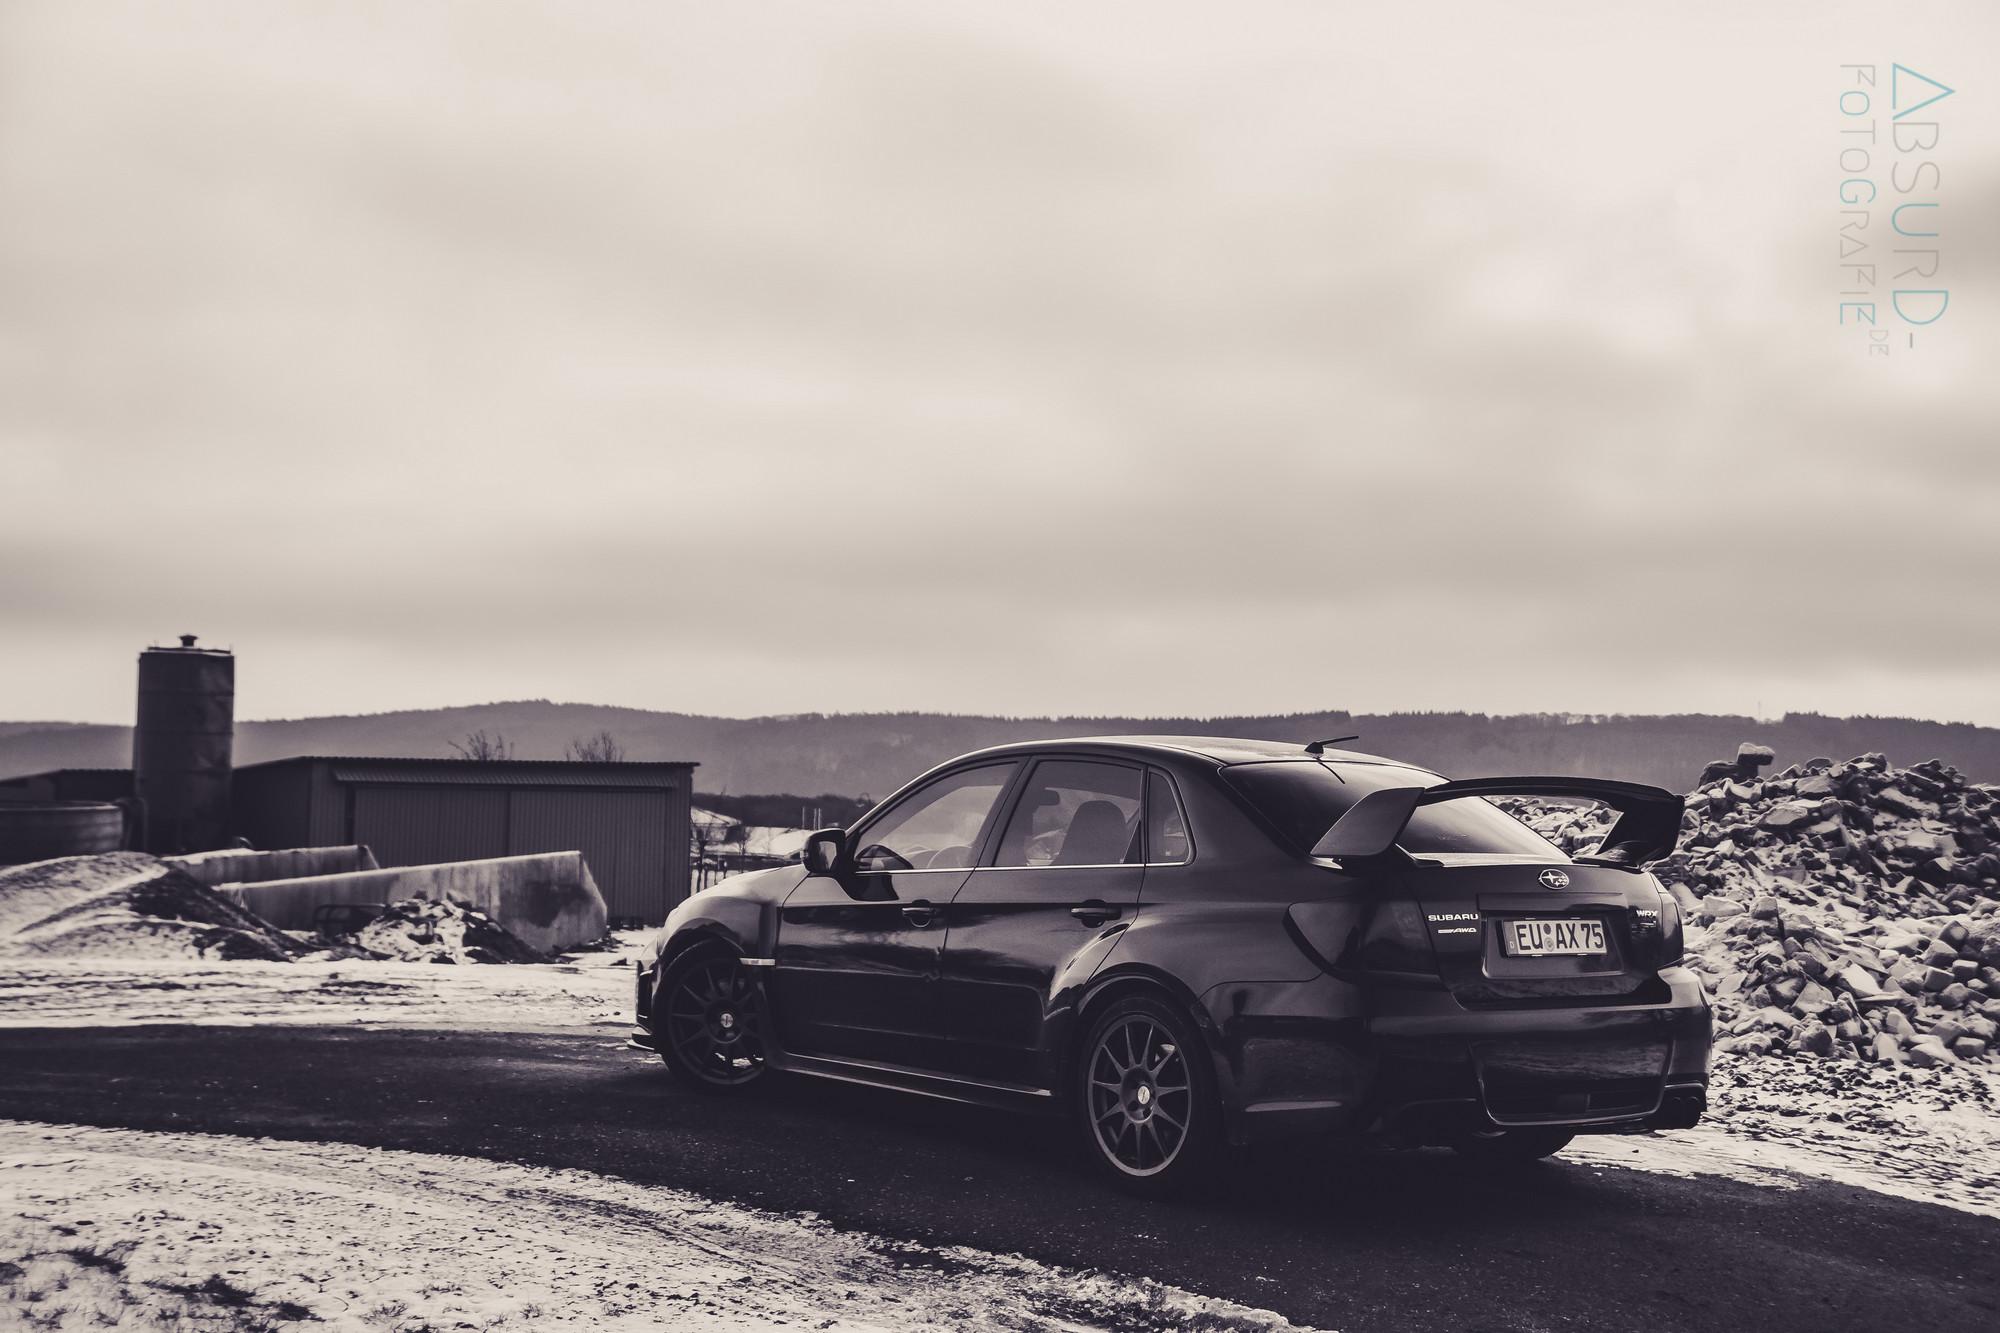 2019-01-20-Alex-Subaru-STI - DSC01911-00028-lredit-_tn.jpg